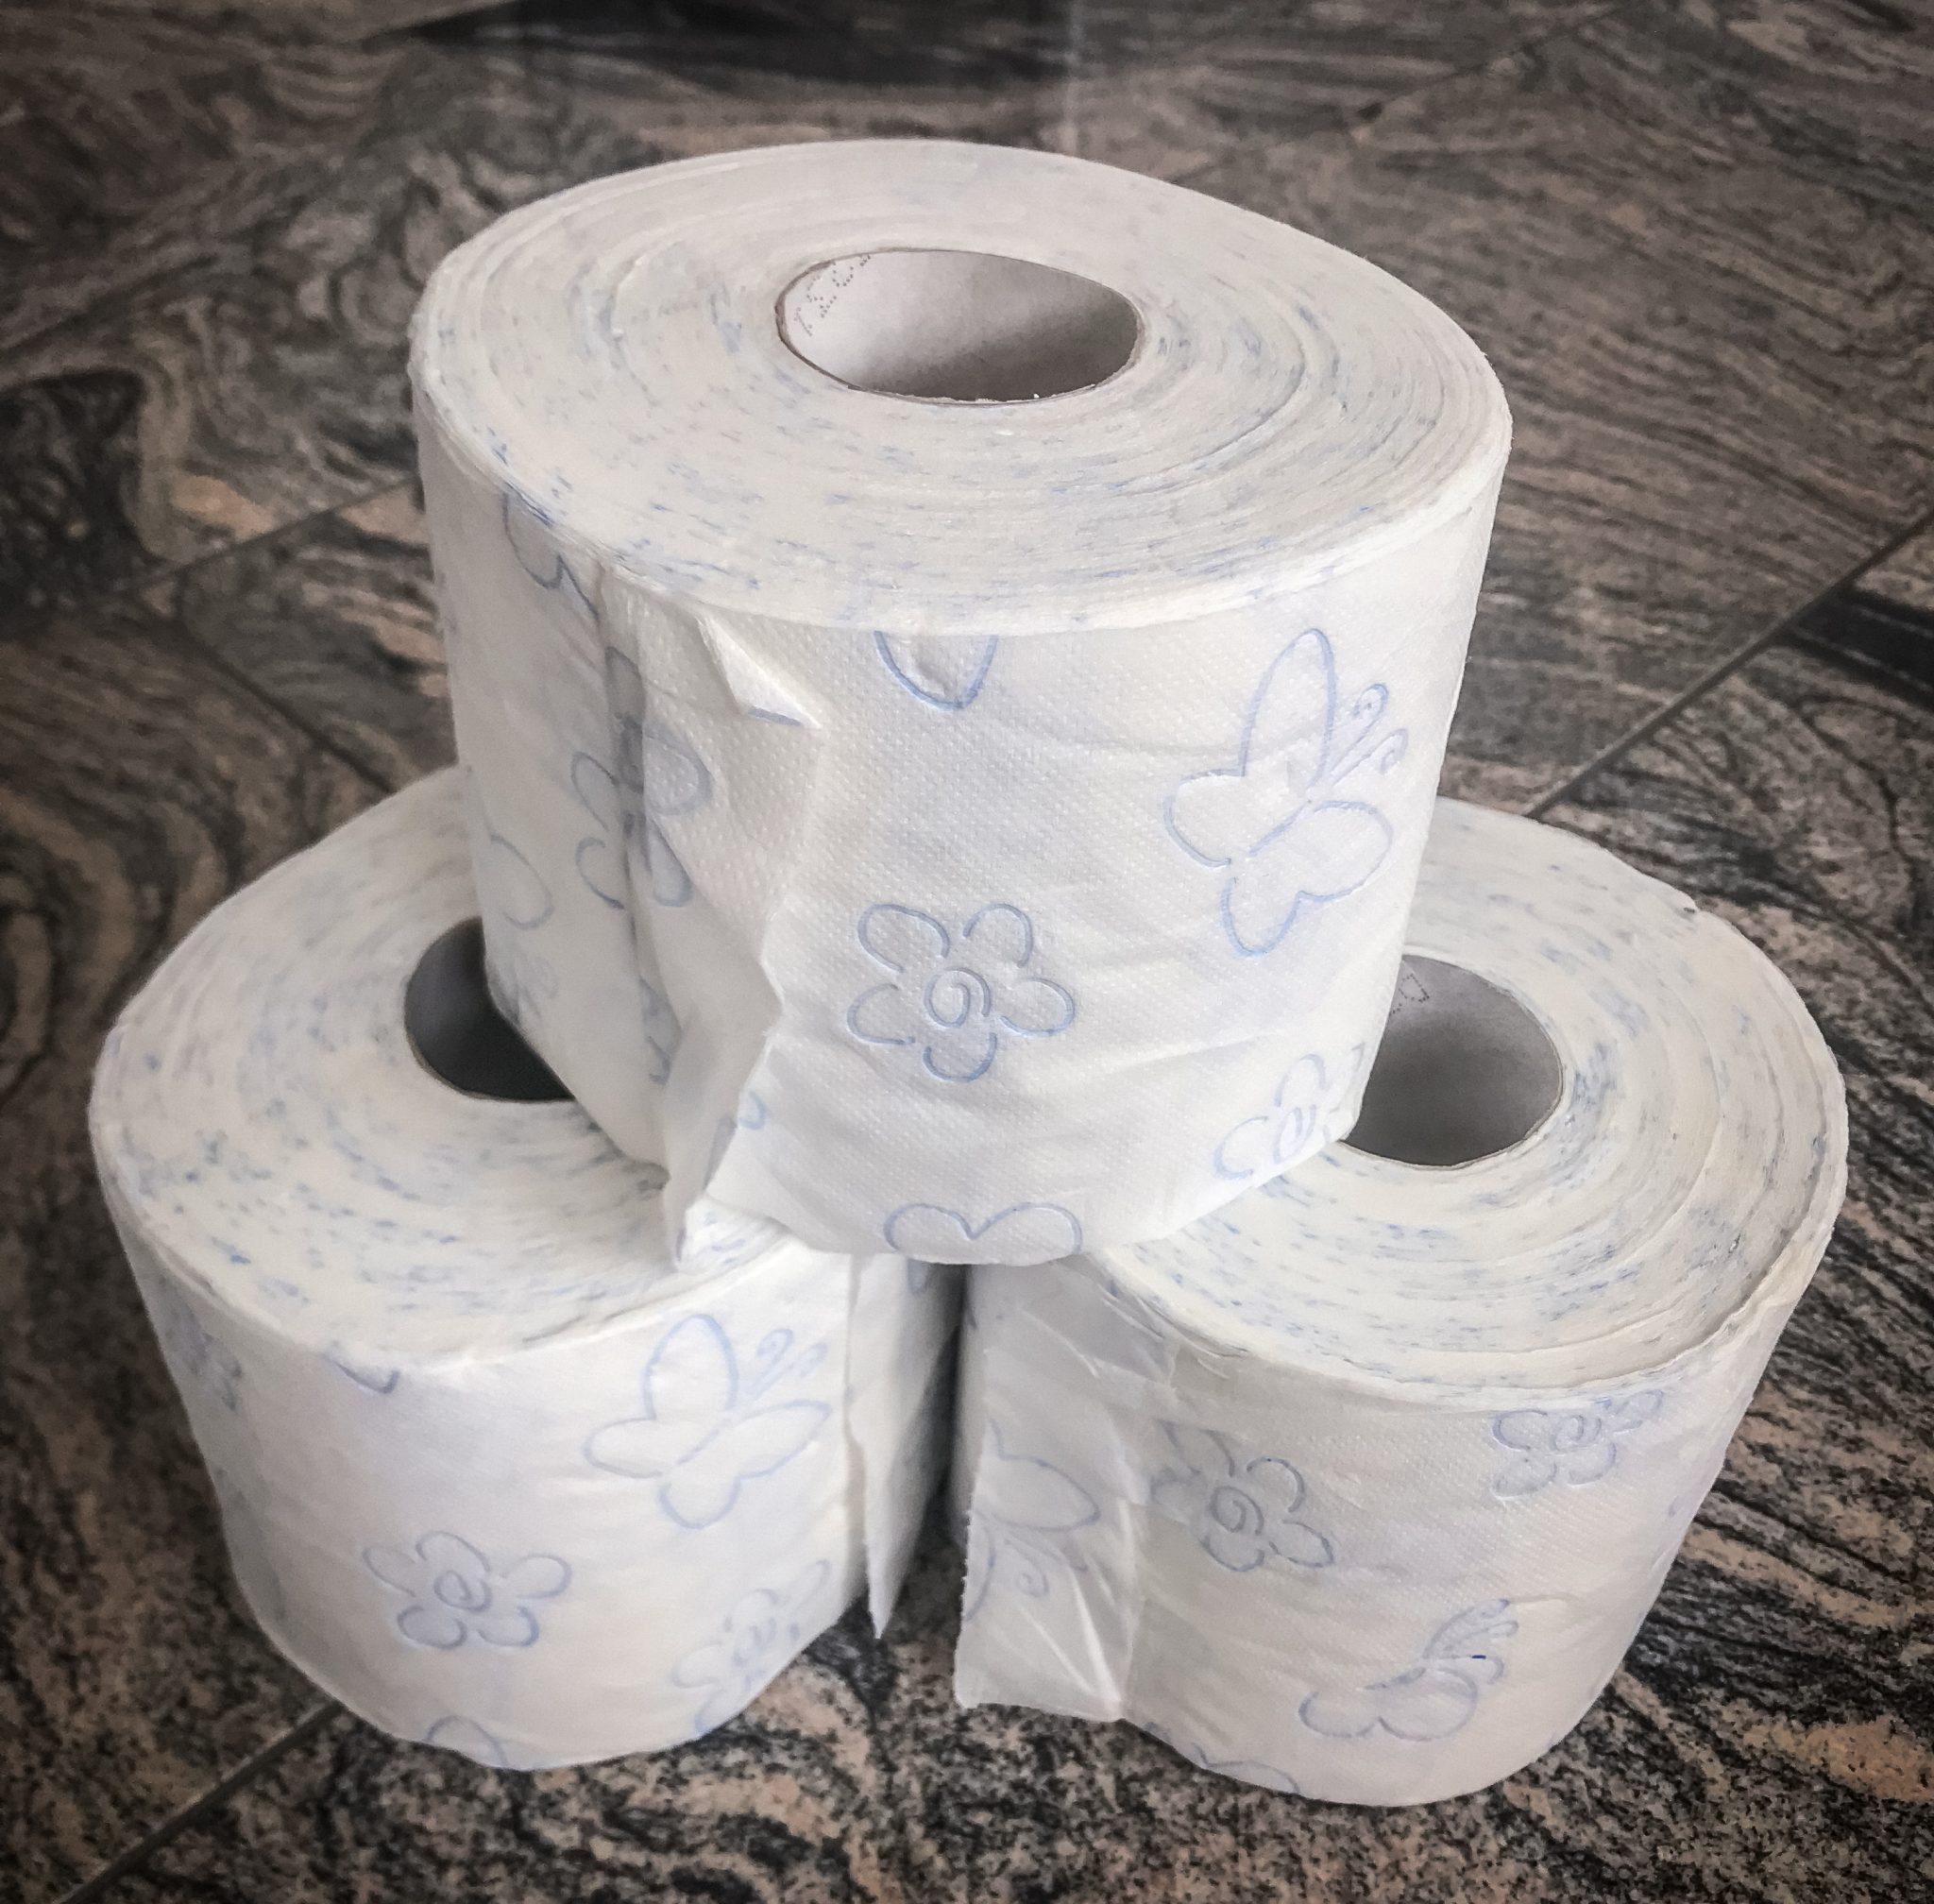 Pack dir unbedingt auch eine (oder mehrere) Toilettenpapier-Rollen mit ein.